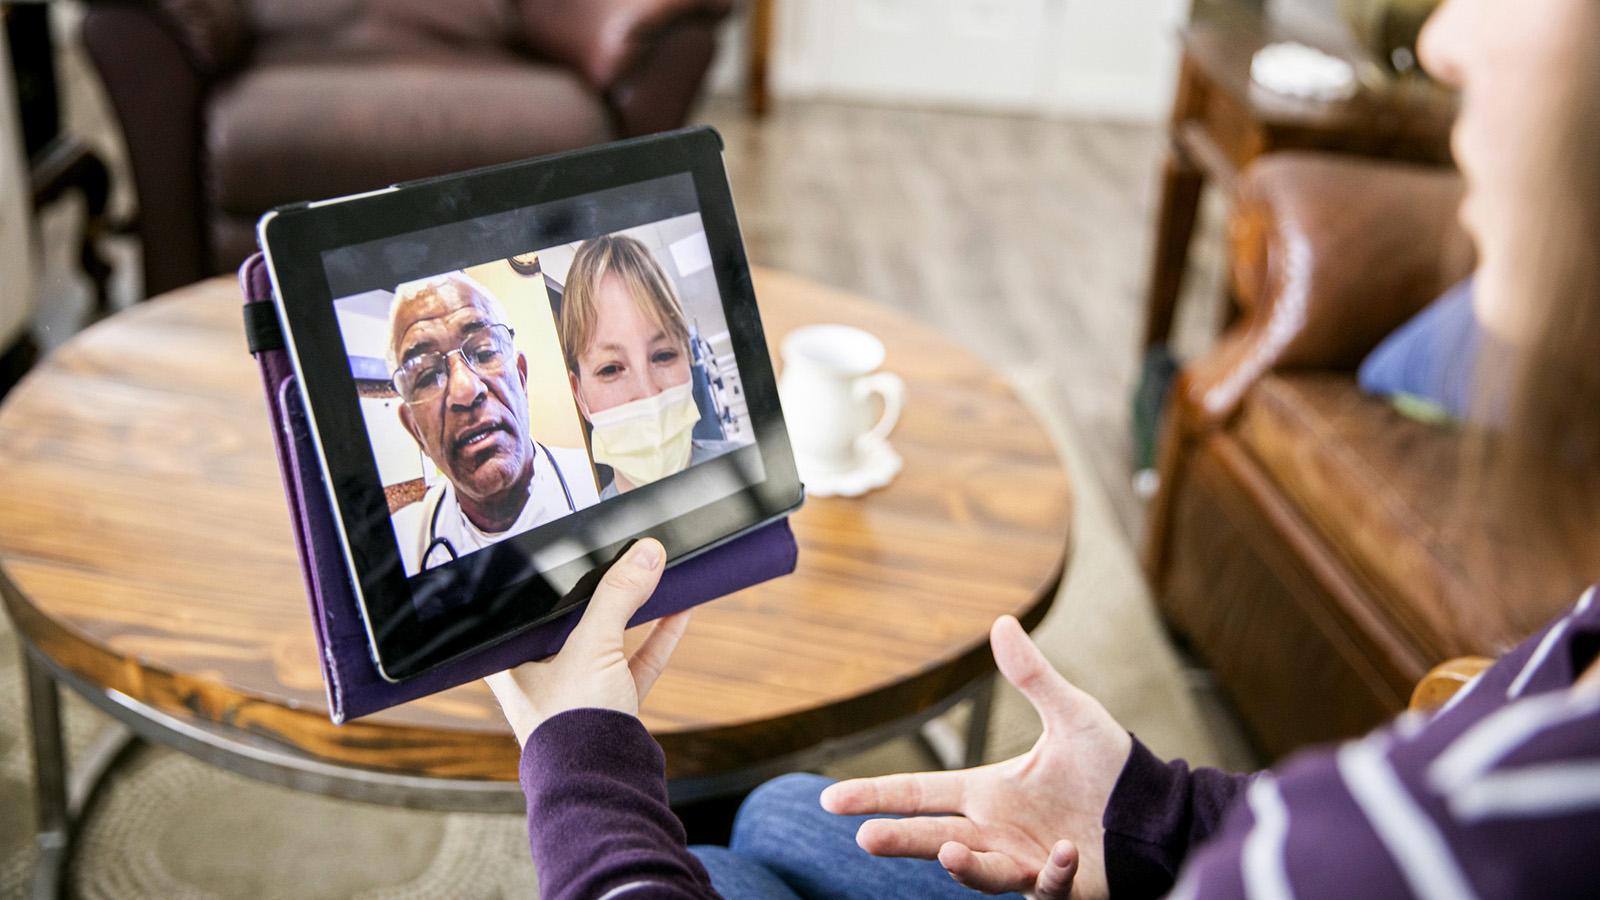 A young woman receiving healthcare through video call